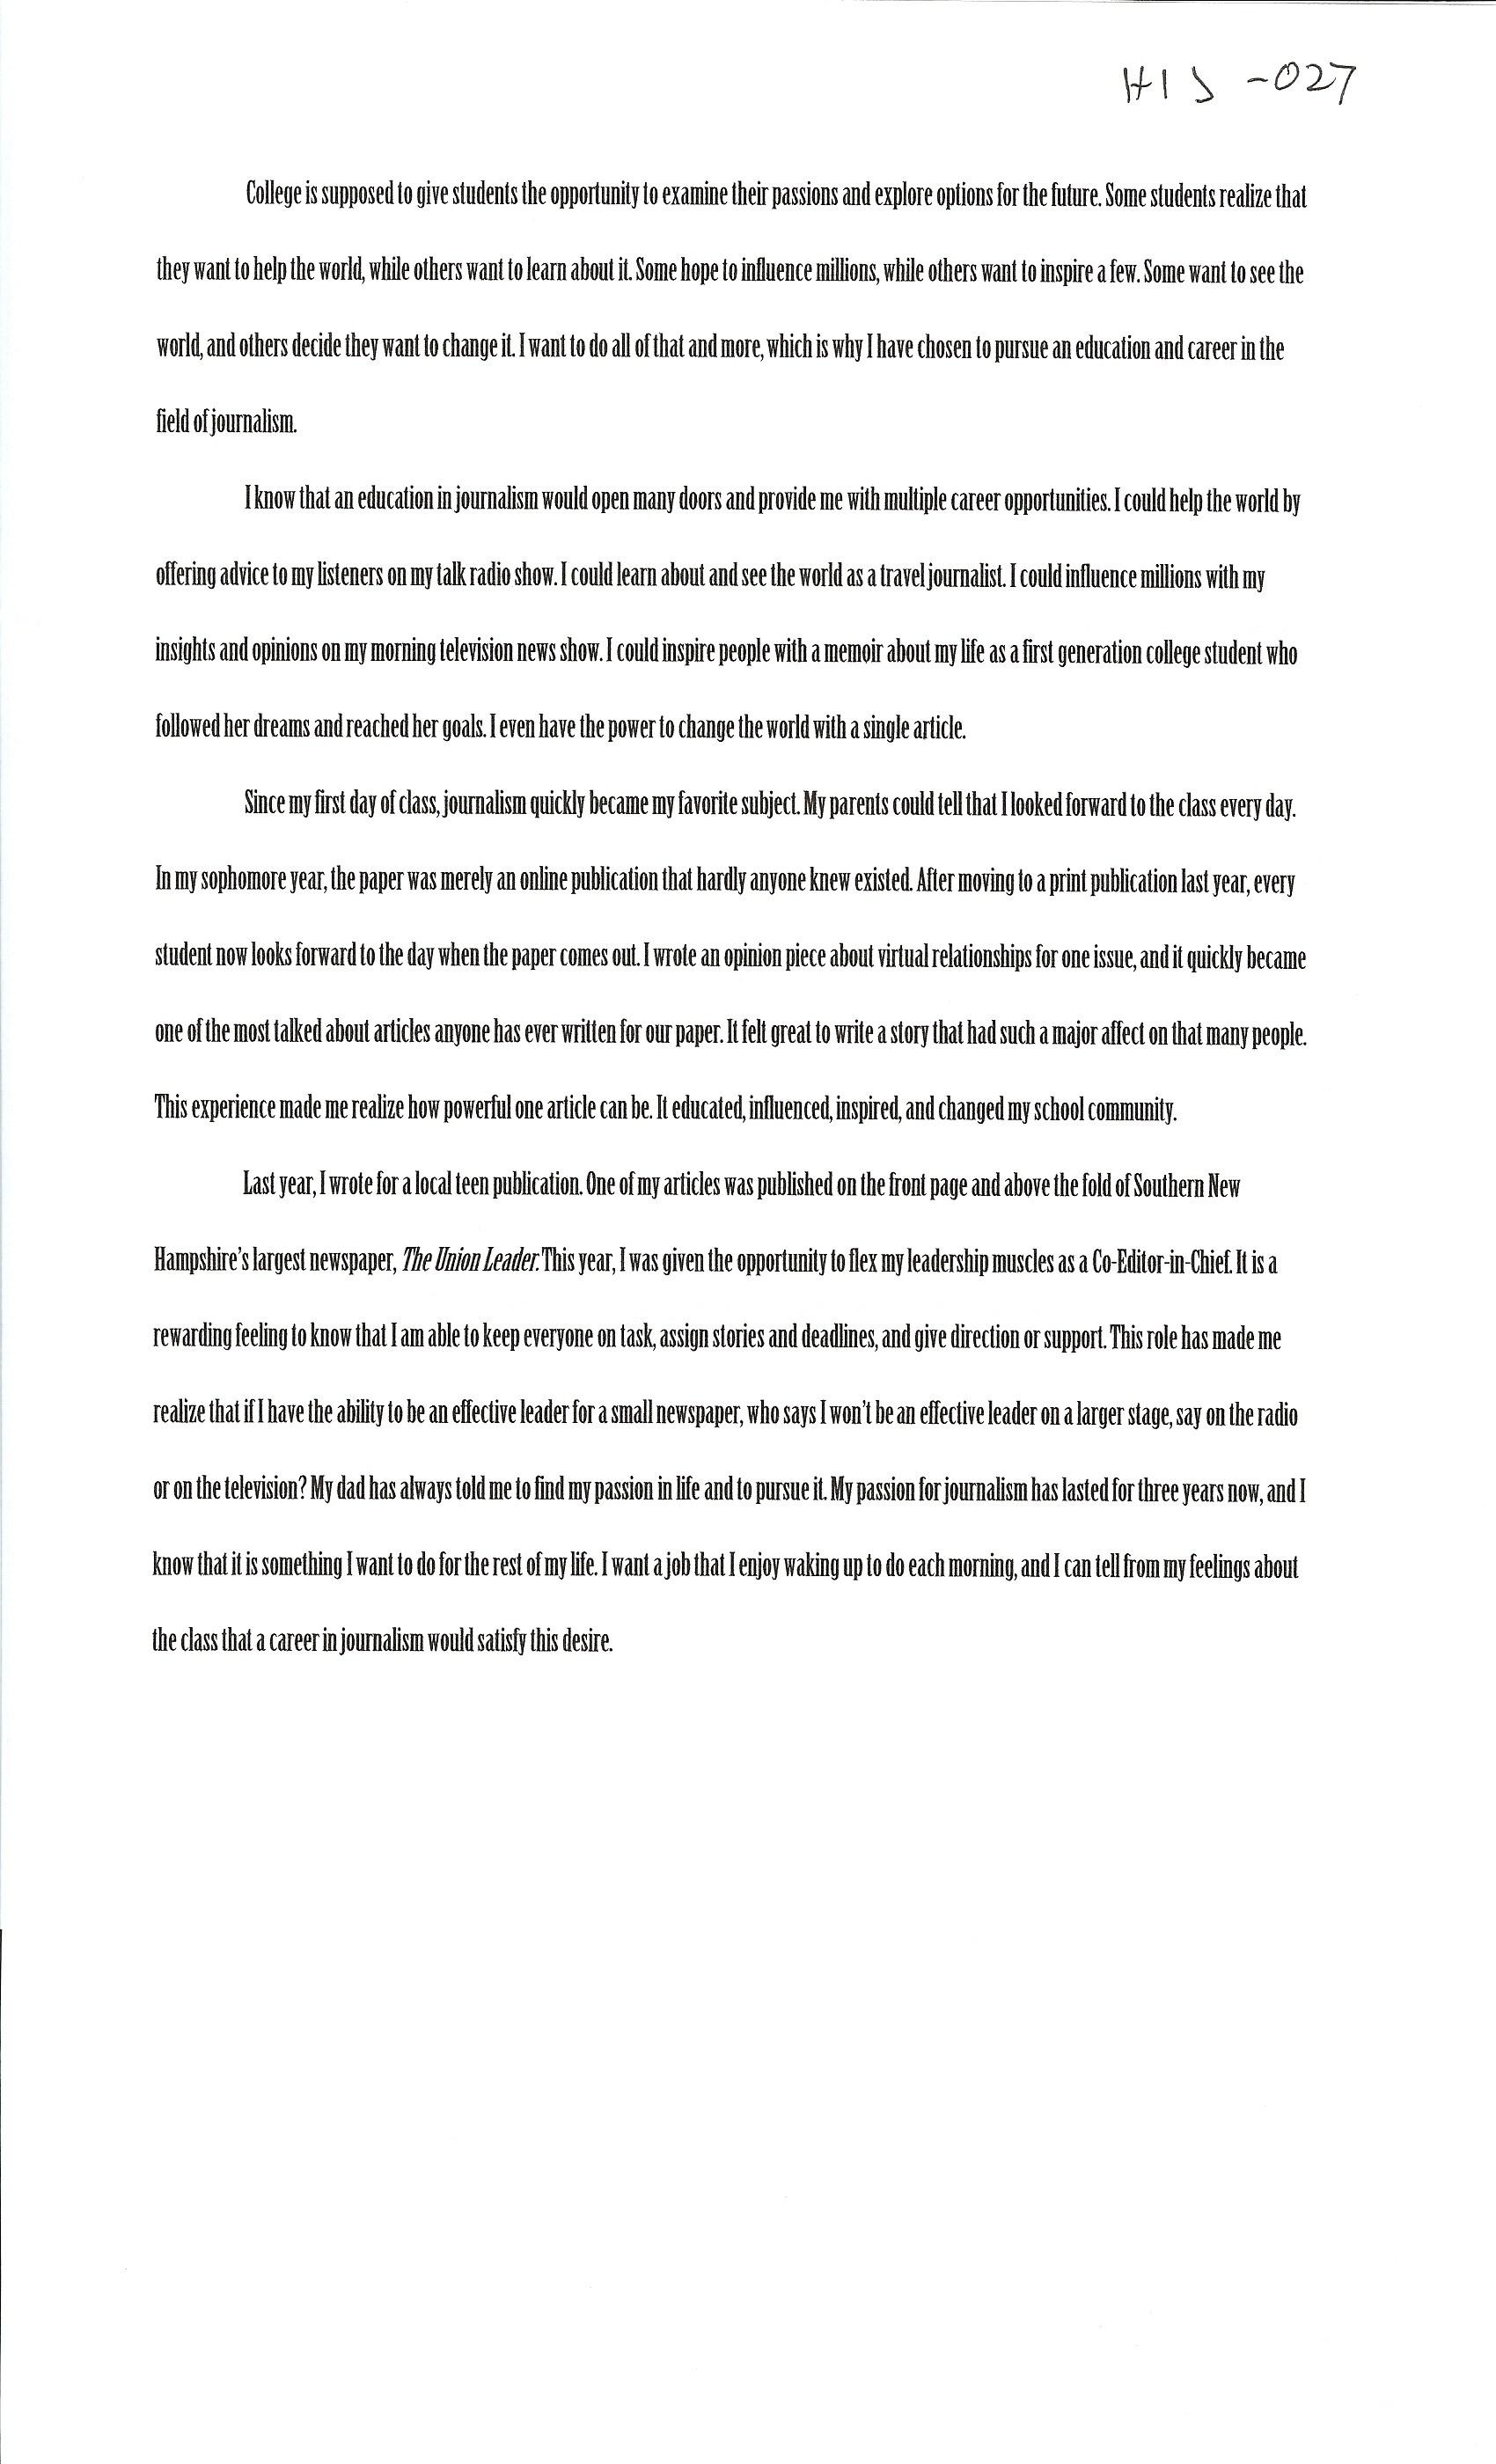 001 Essay Example Alexa Serrecchia Questbridge Stirring Essays College Match That Worked Full